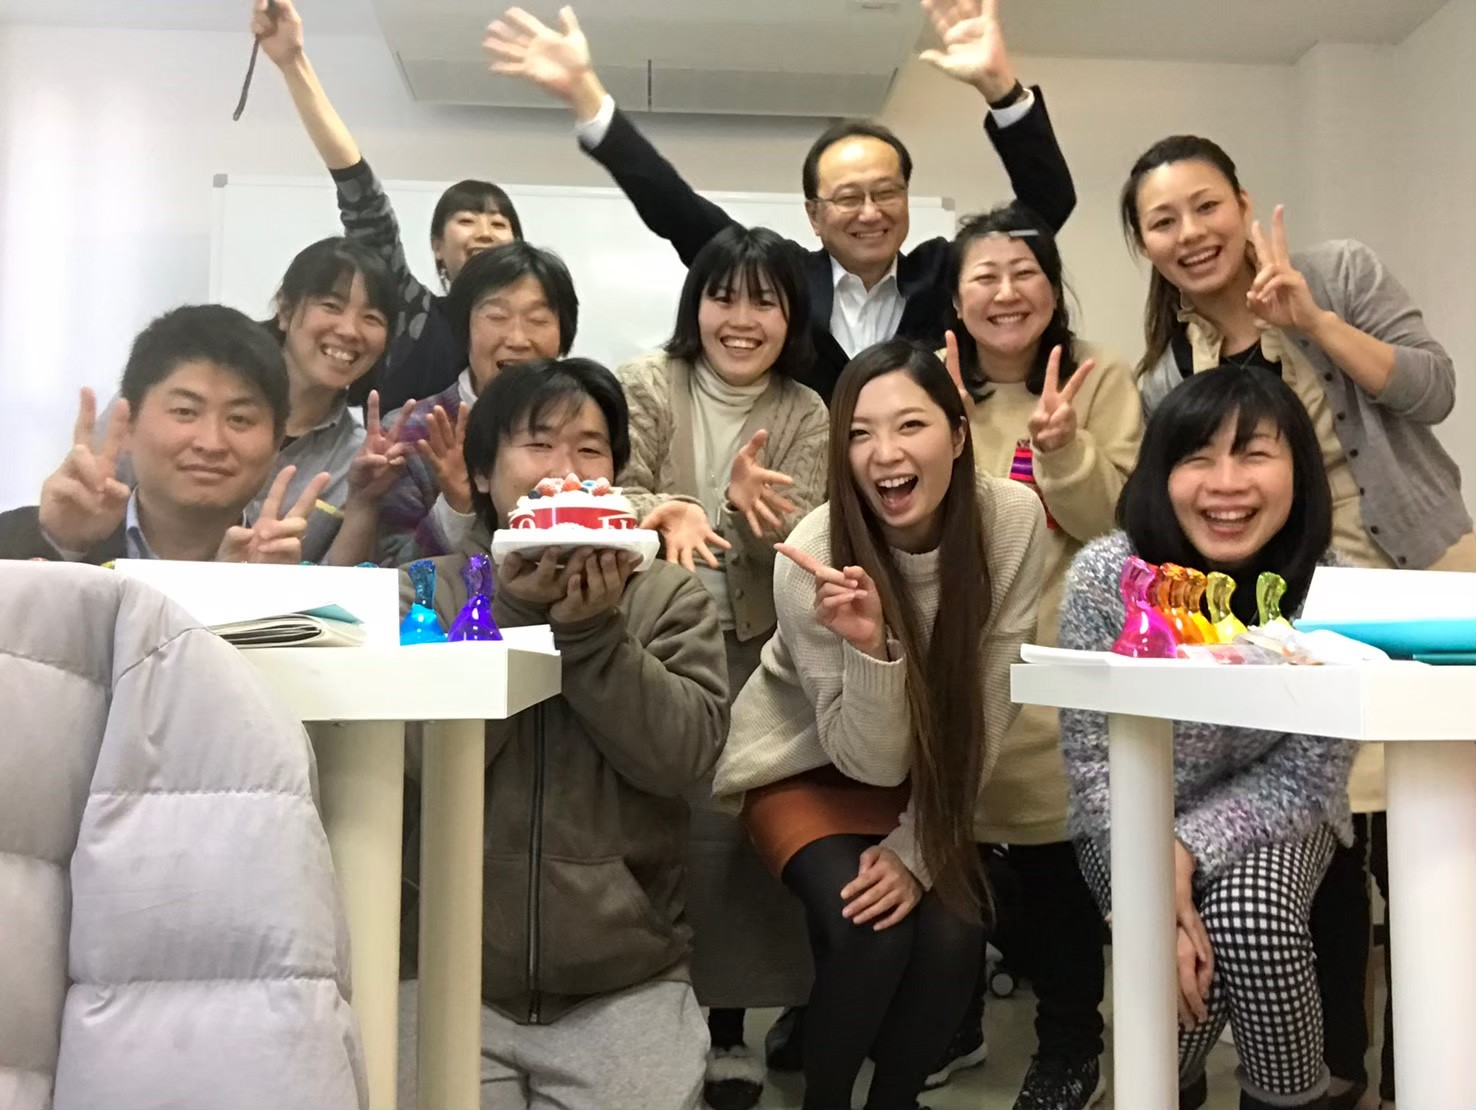 2019.1.26〜27 200229 0059 - ピーチスノウで学ぶ色彩人間学